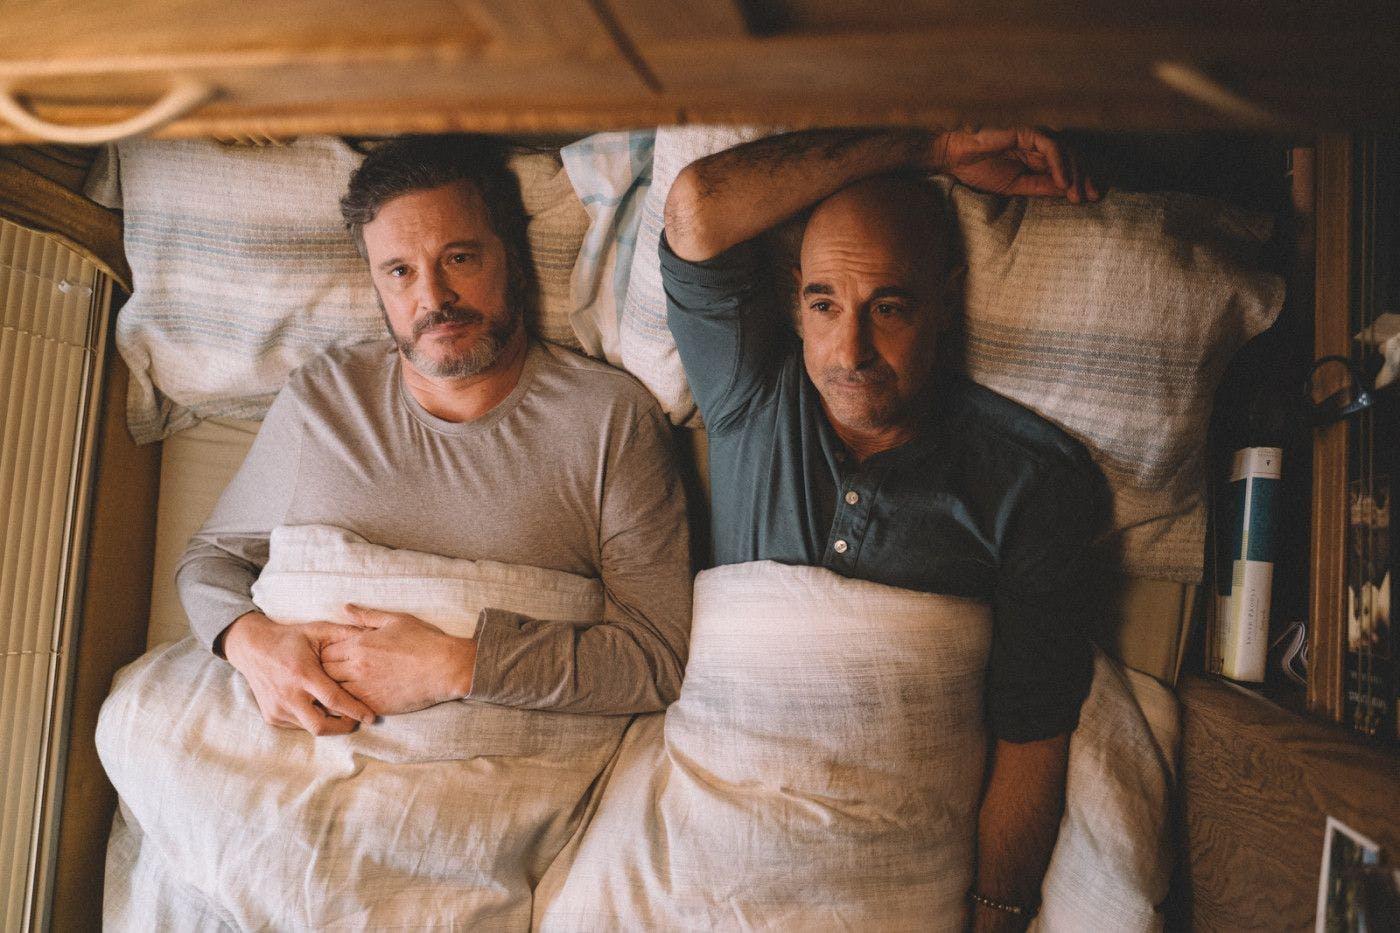 Abschied auf Raten: Colin Firth und Stanley Tucci spielen in «Supernova» Sam und Tusker – ein Paar, das mit dem Wohnmobil durch England fährt, um Familie und Freunde noch einmal zu besuchen. Da bei Tusker Demenz diagnostiziert wurde, sind die bewusst gelebten Momente kostbarer denn je.